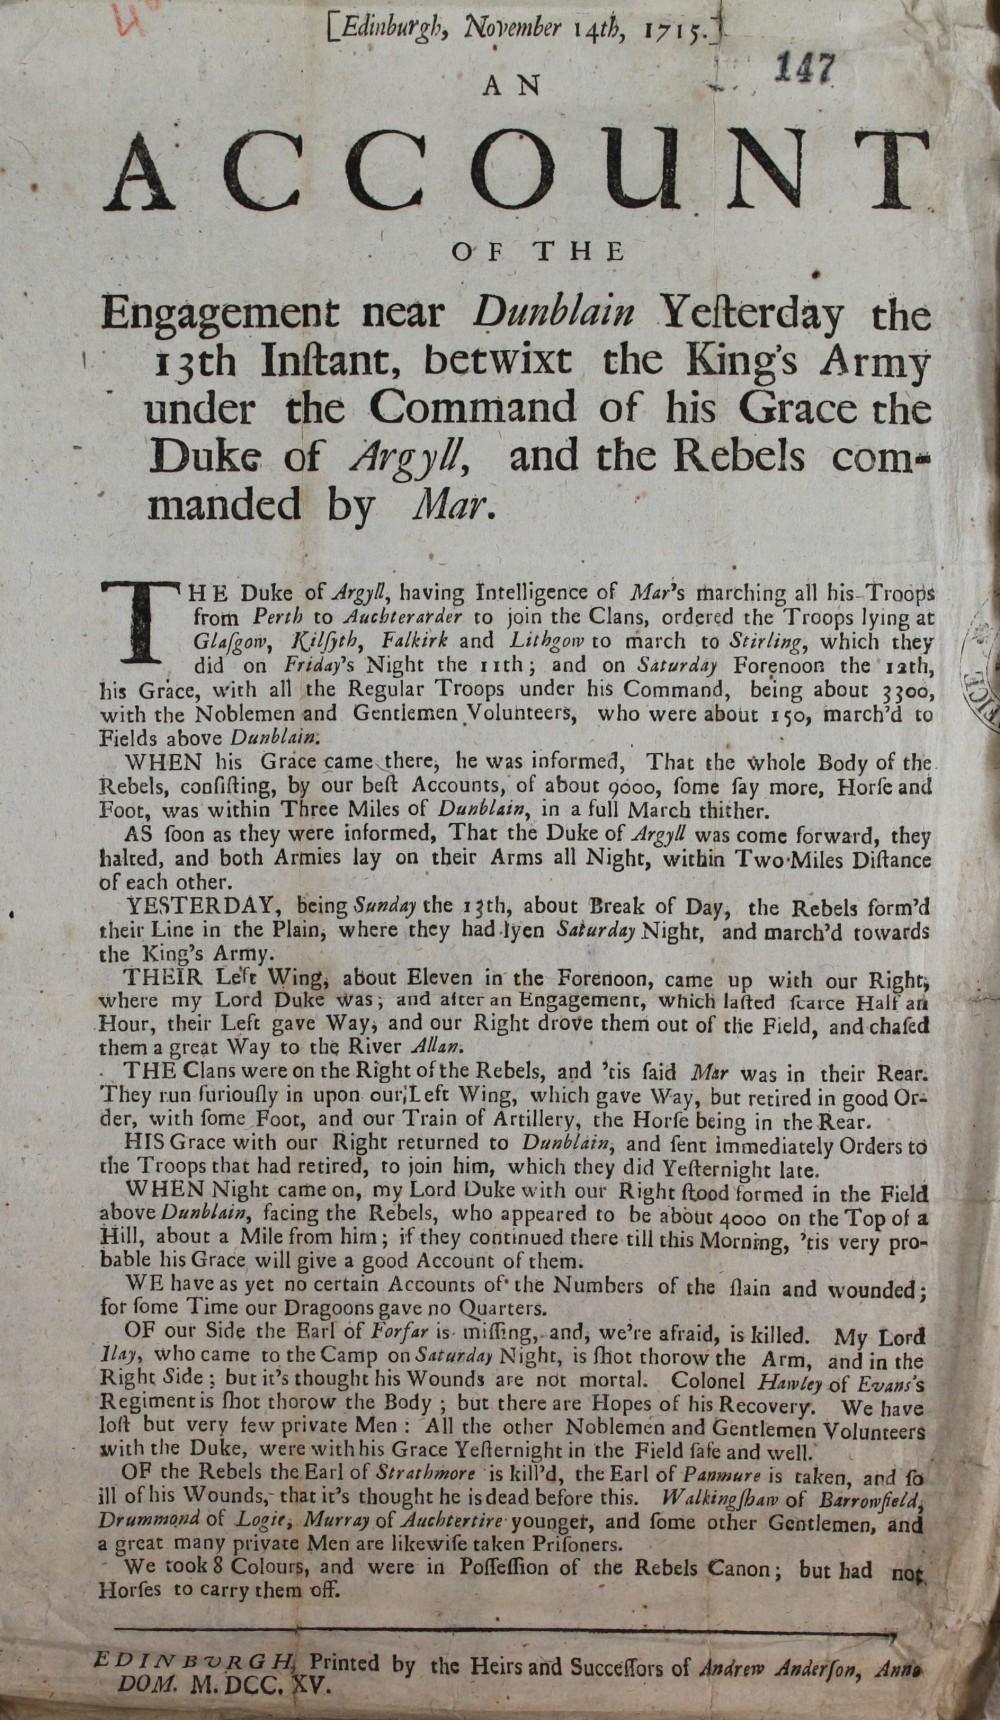 An account of a battle near Dunblane, 14th November 1715, printed in Edinburgh (SP 54/10/46A)